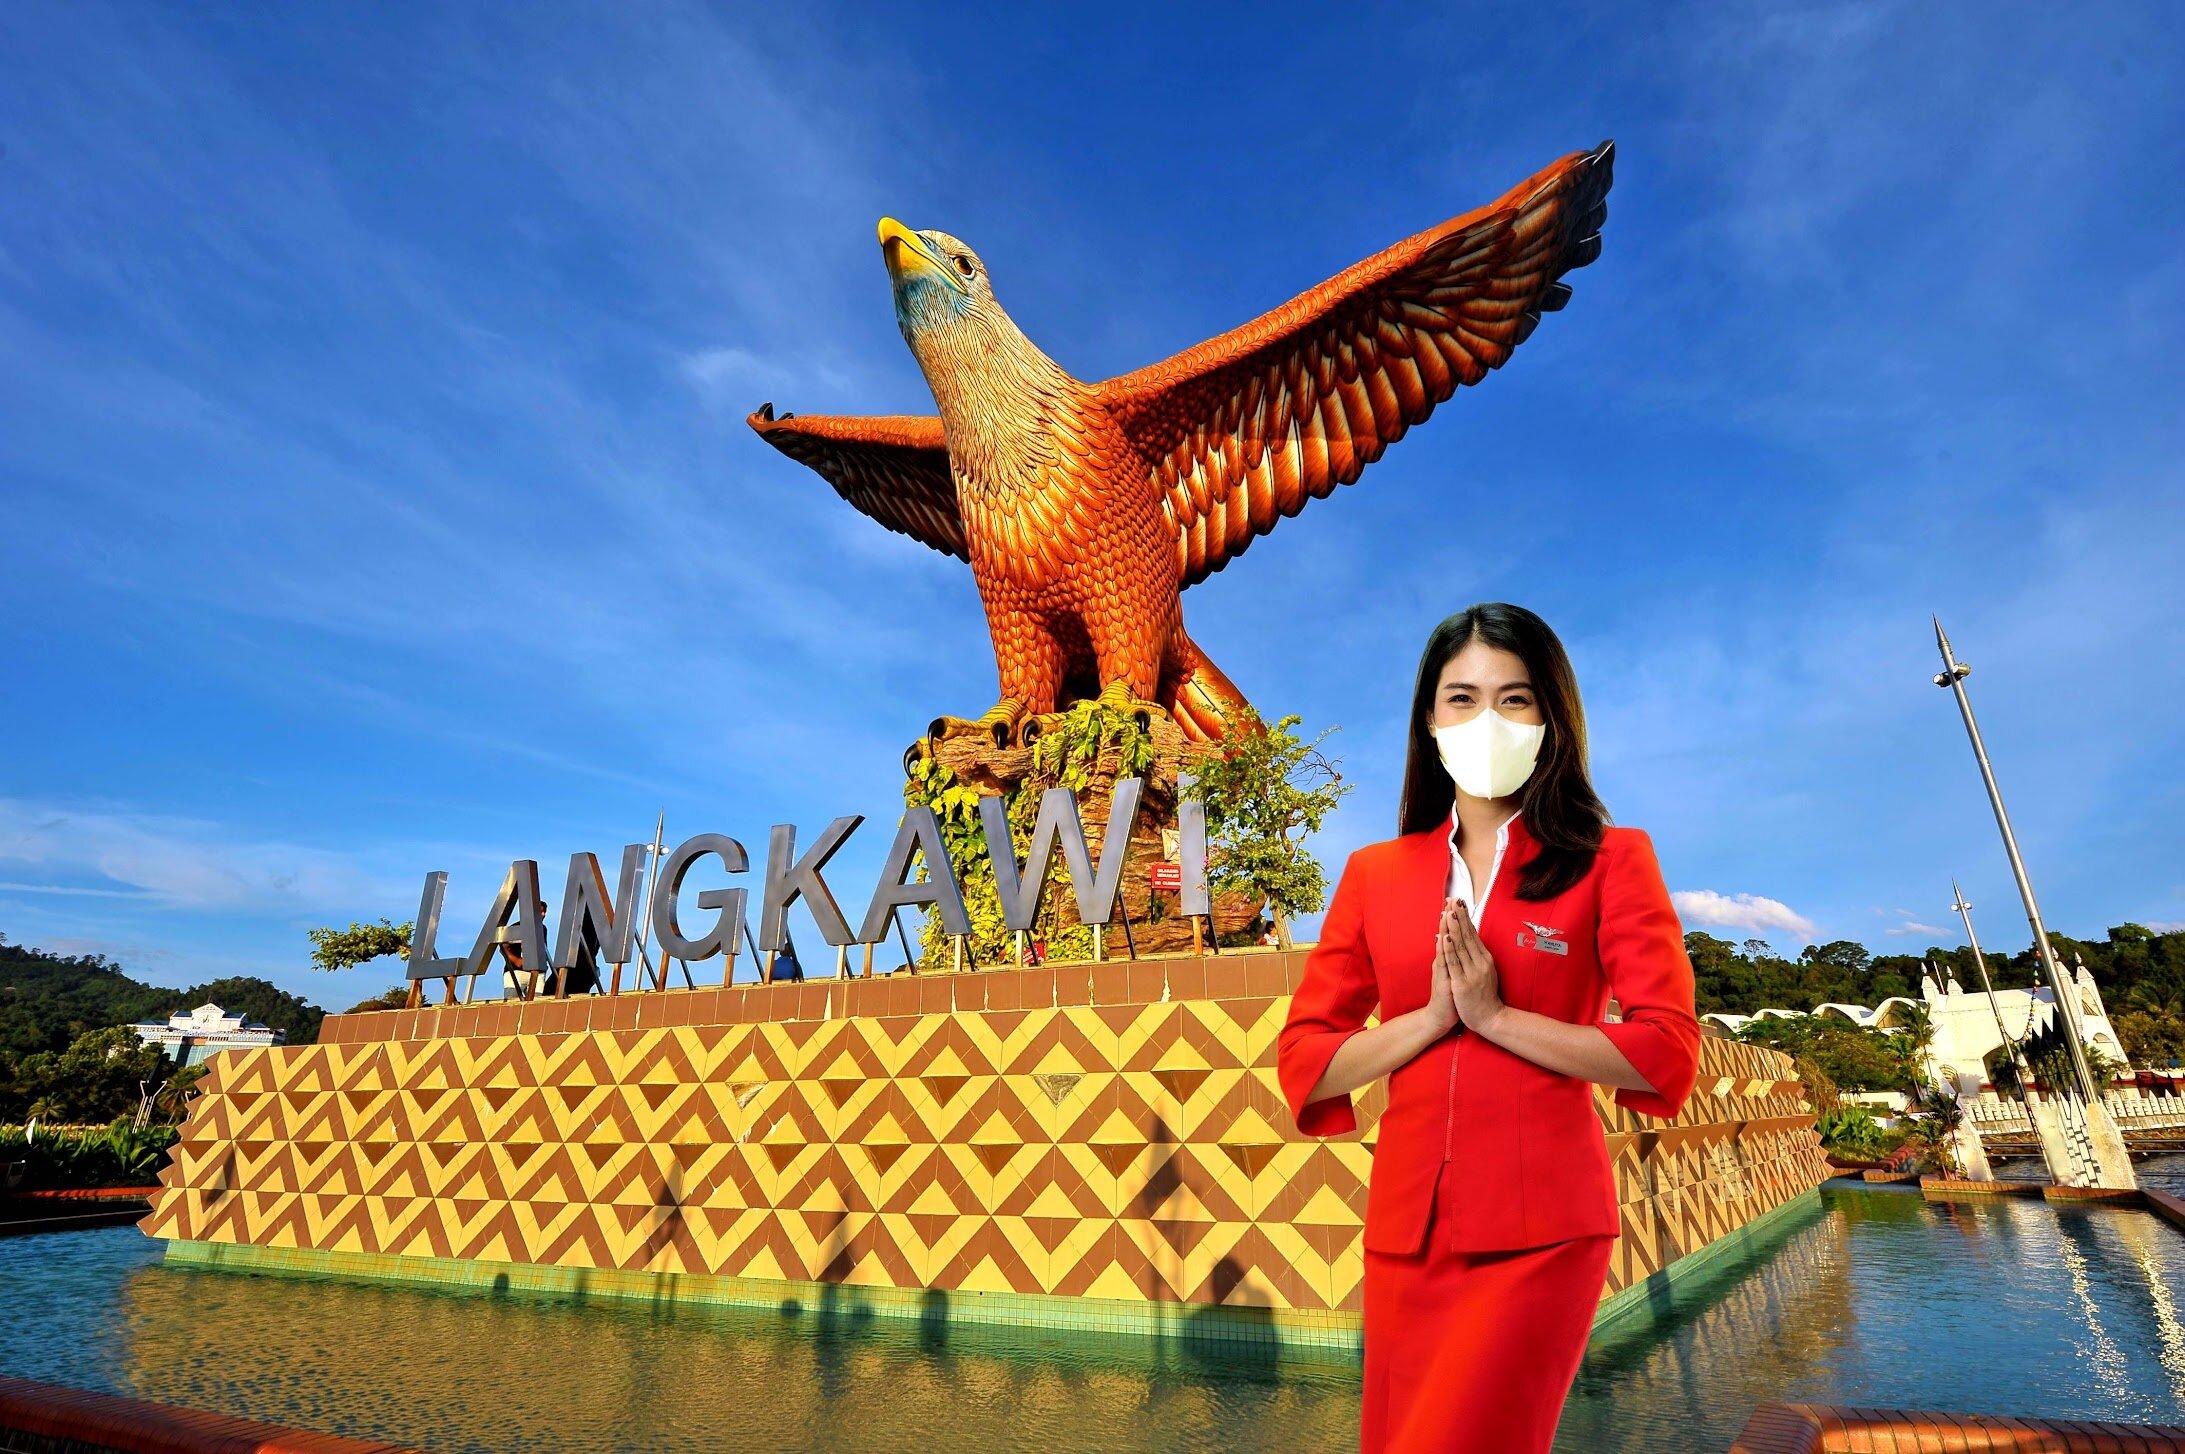 亚航实施严格的安全措施,准备好在马来西亚日(9月16日)迎接乘客登机!-亚航提供-